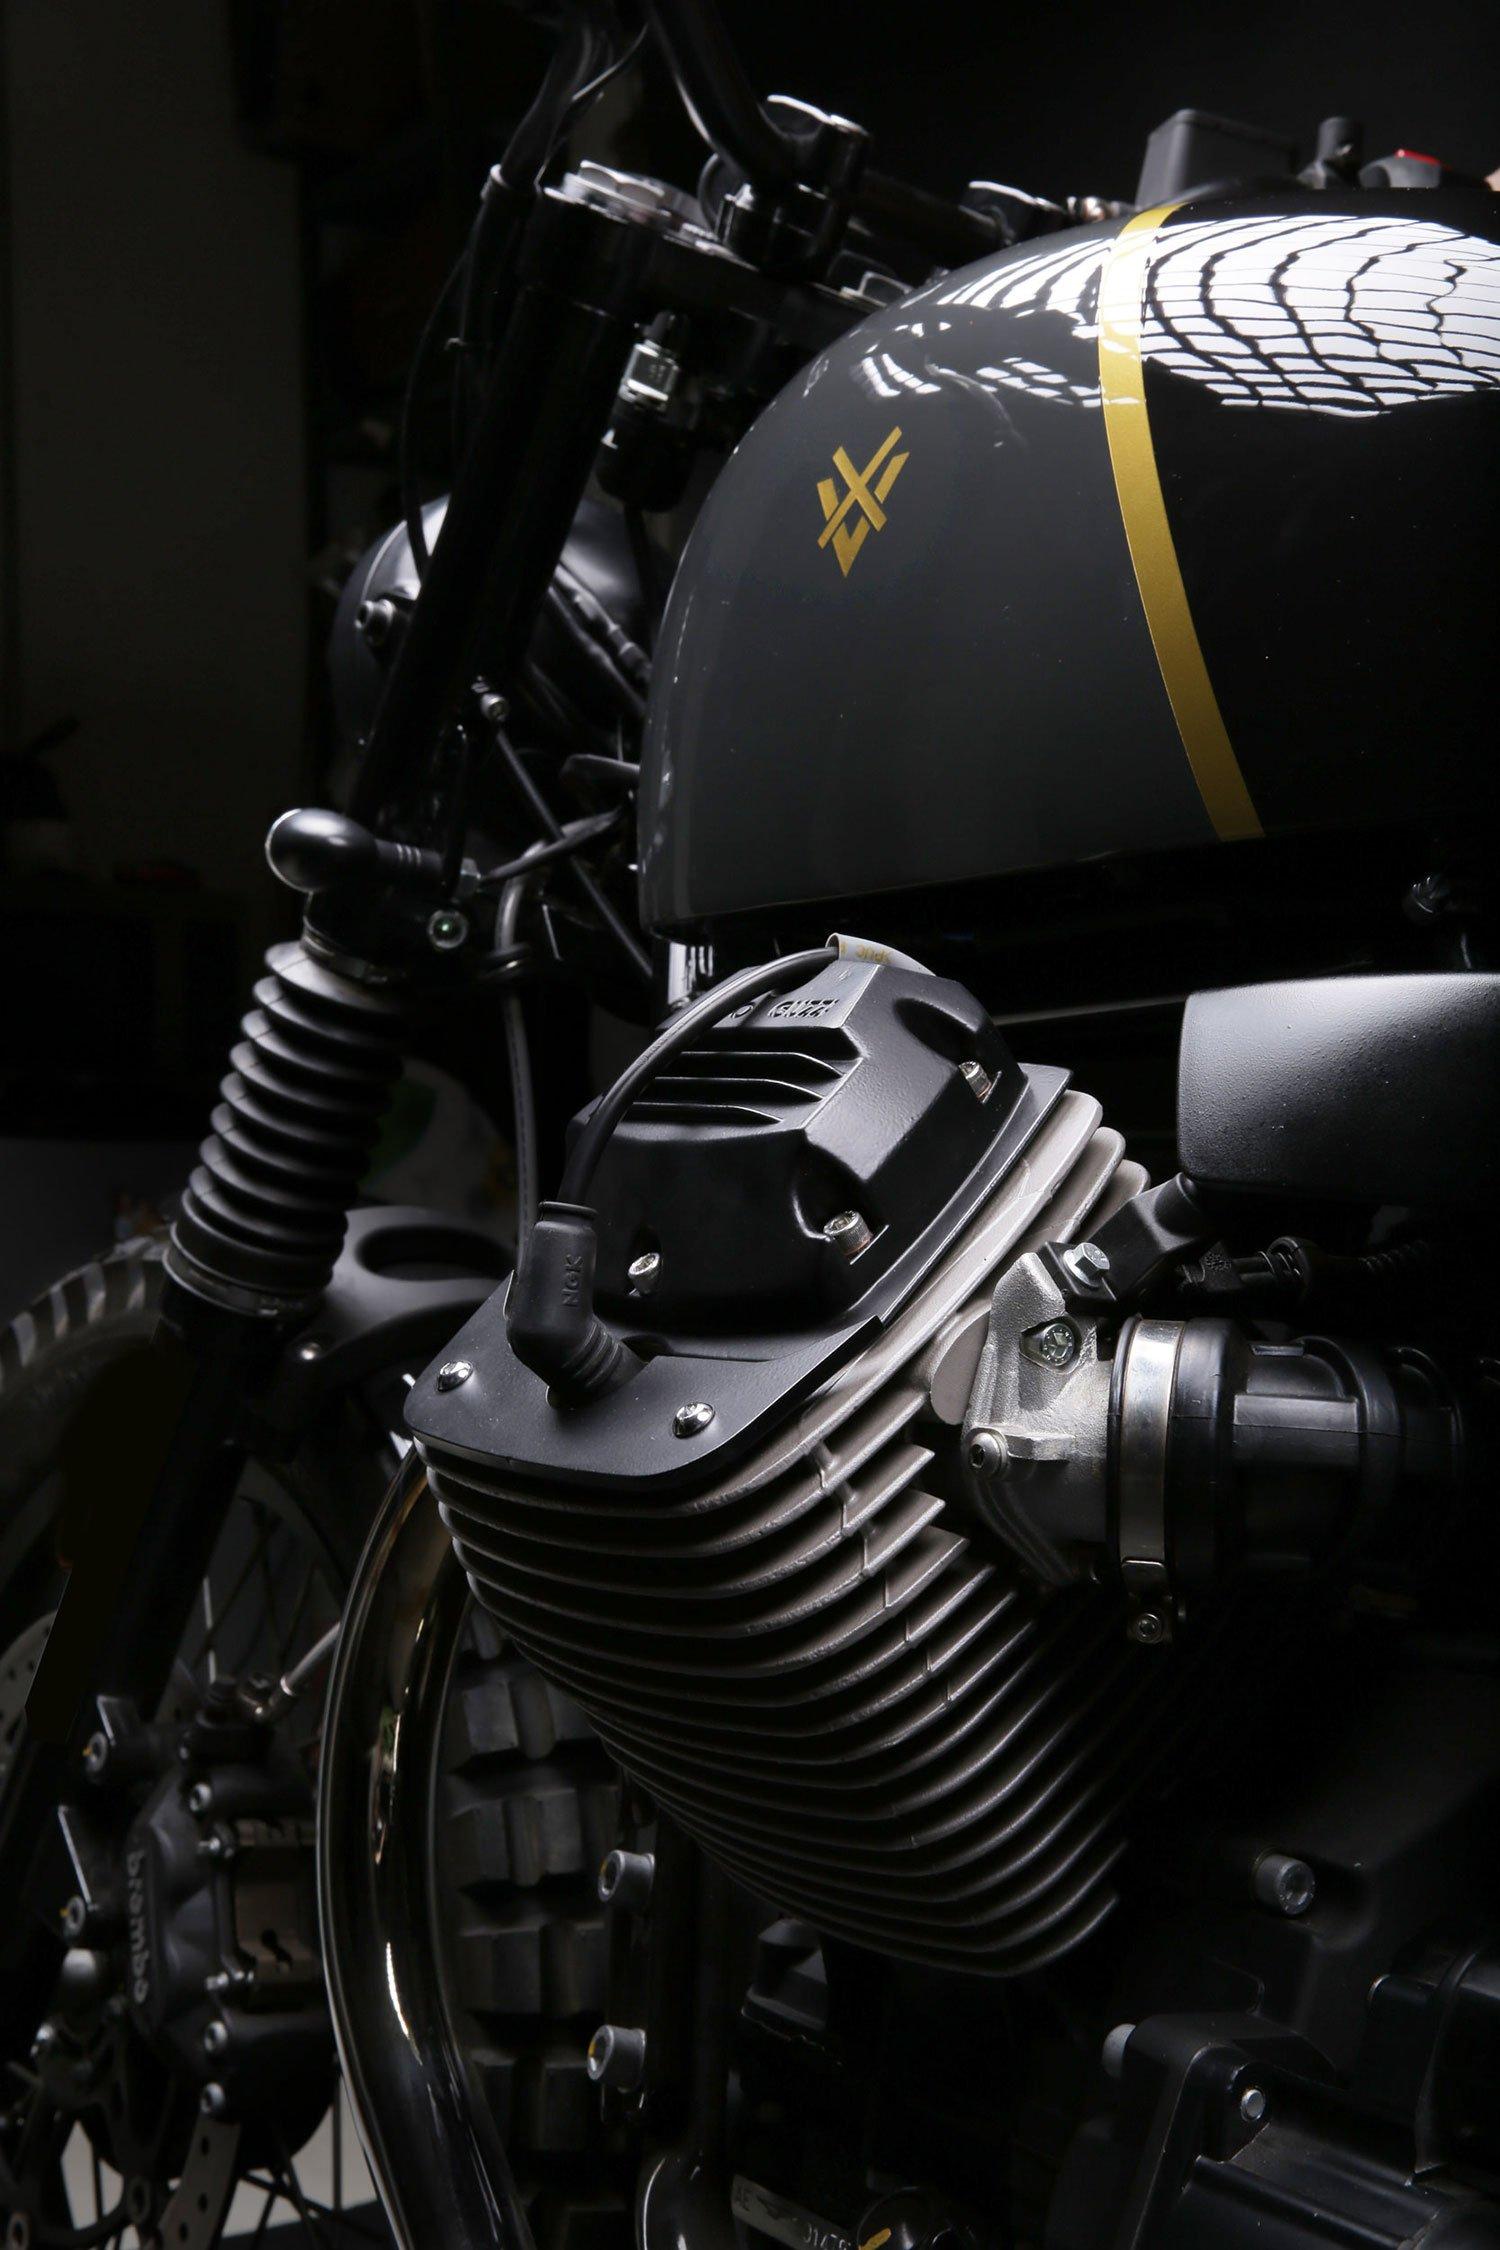 a-moto-guzzi-v7-redesigned-as-a-scrambler-gessato-4